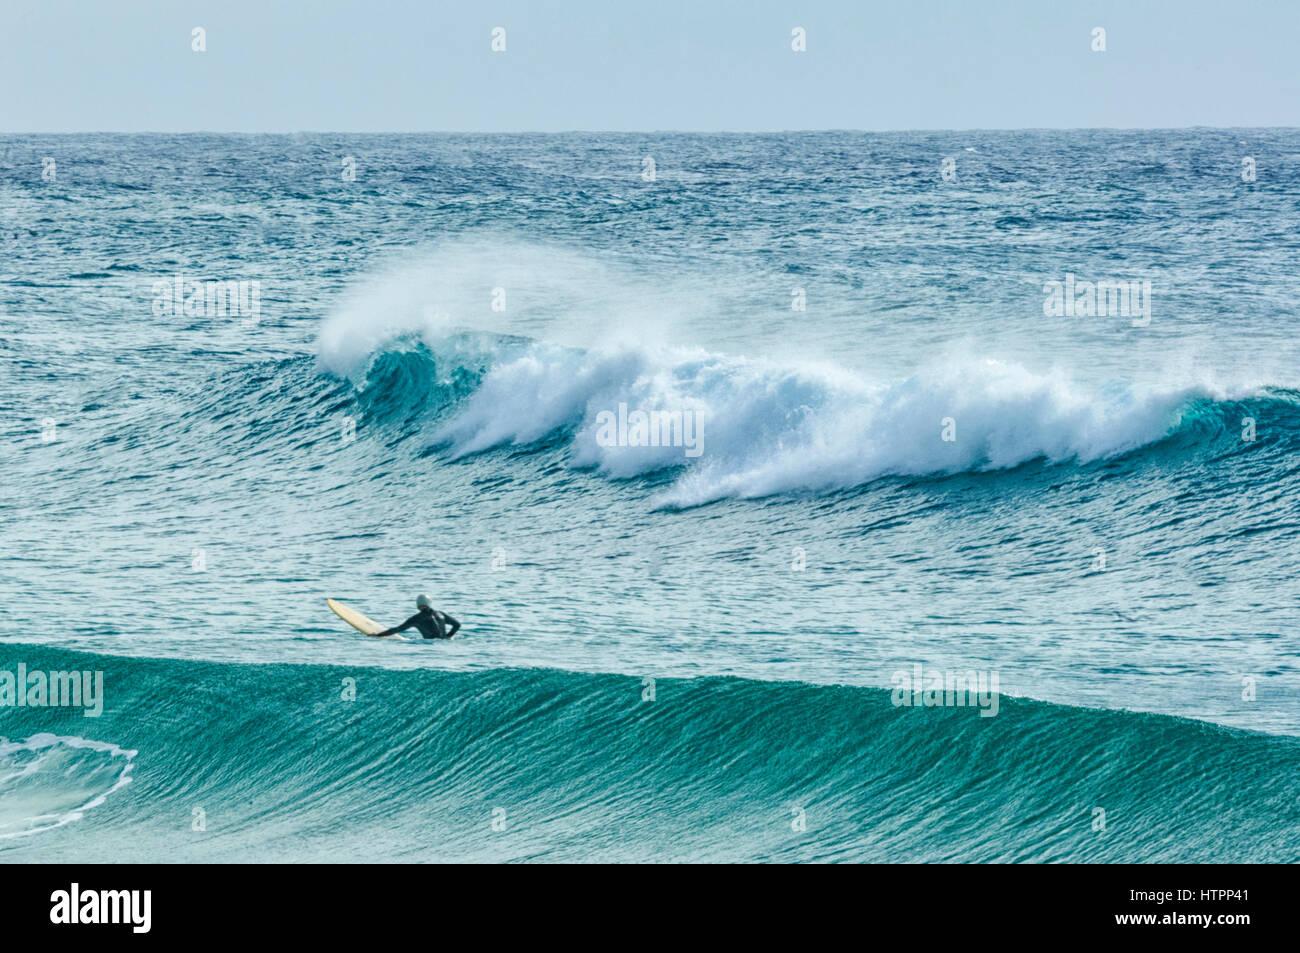 Un surfista attende l'onda perfetta, Dalmeny, South Coast, Nuovo Galles del Sud, NSW, Australia Immagini Stock